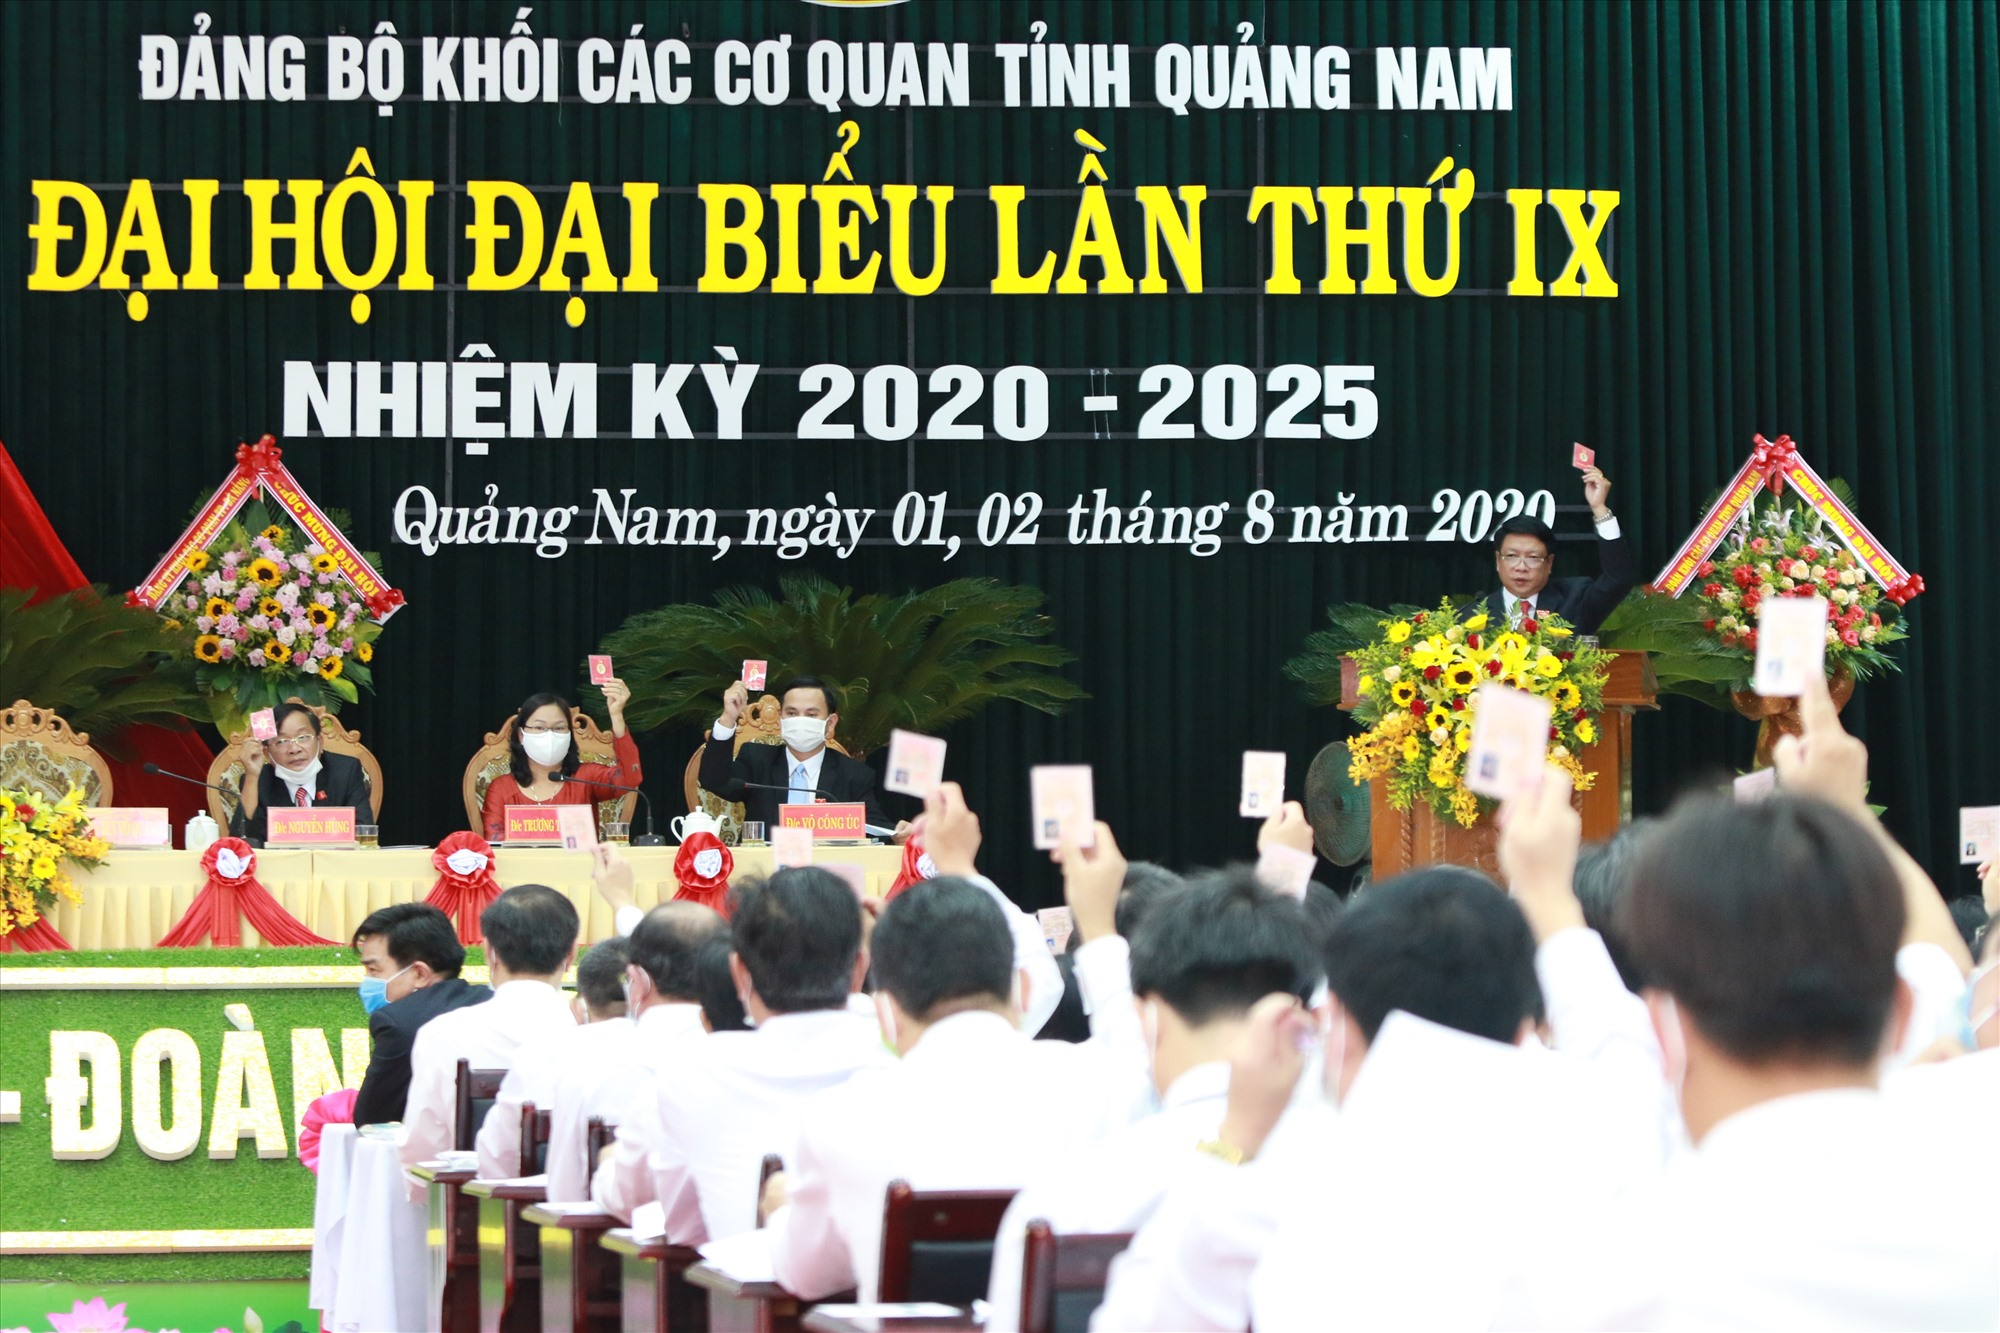 Kết quả đại hội Đảng cấp cơ sở và cấp trên cơ sở của tỉnh nhận được sự đồng thuận cao của cấp ủy, cán bộ, đảng viên và Nhân dân. Ảnh: N.Đ